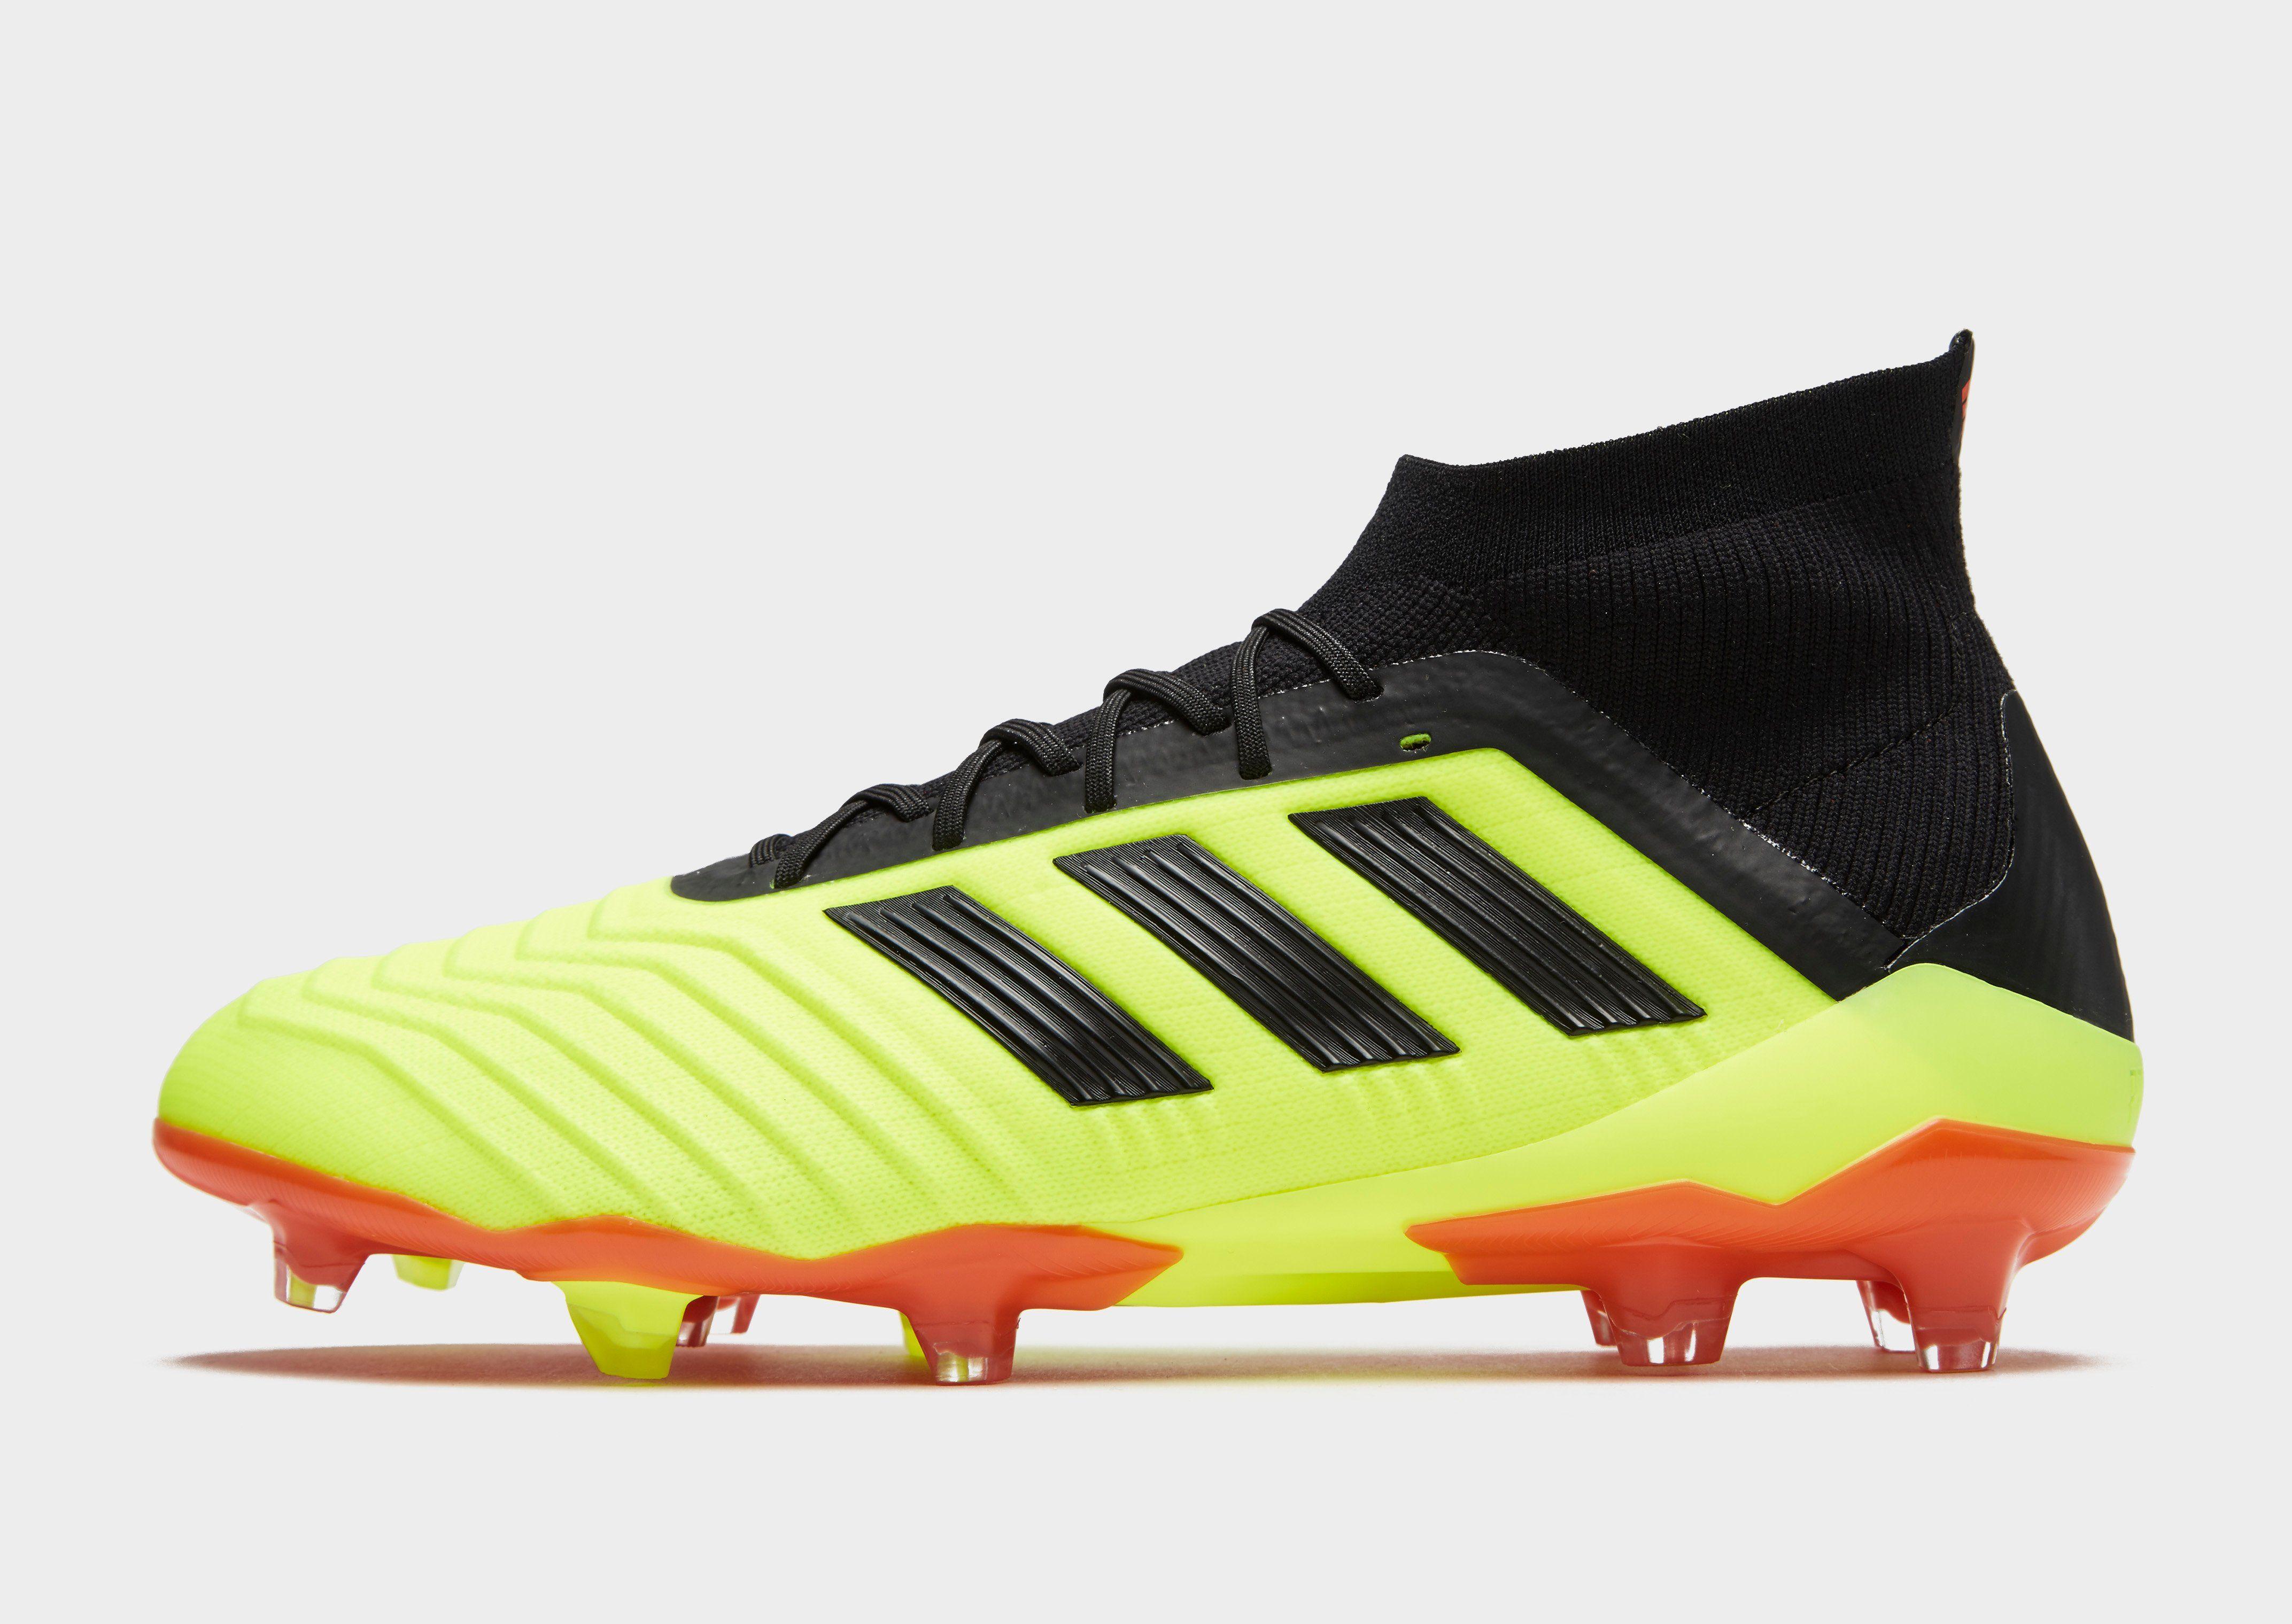 4af6ffd46bfa adidas Energy Mode Predator 18.1 FG | JD Sports